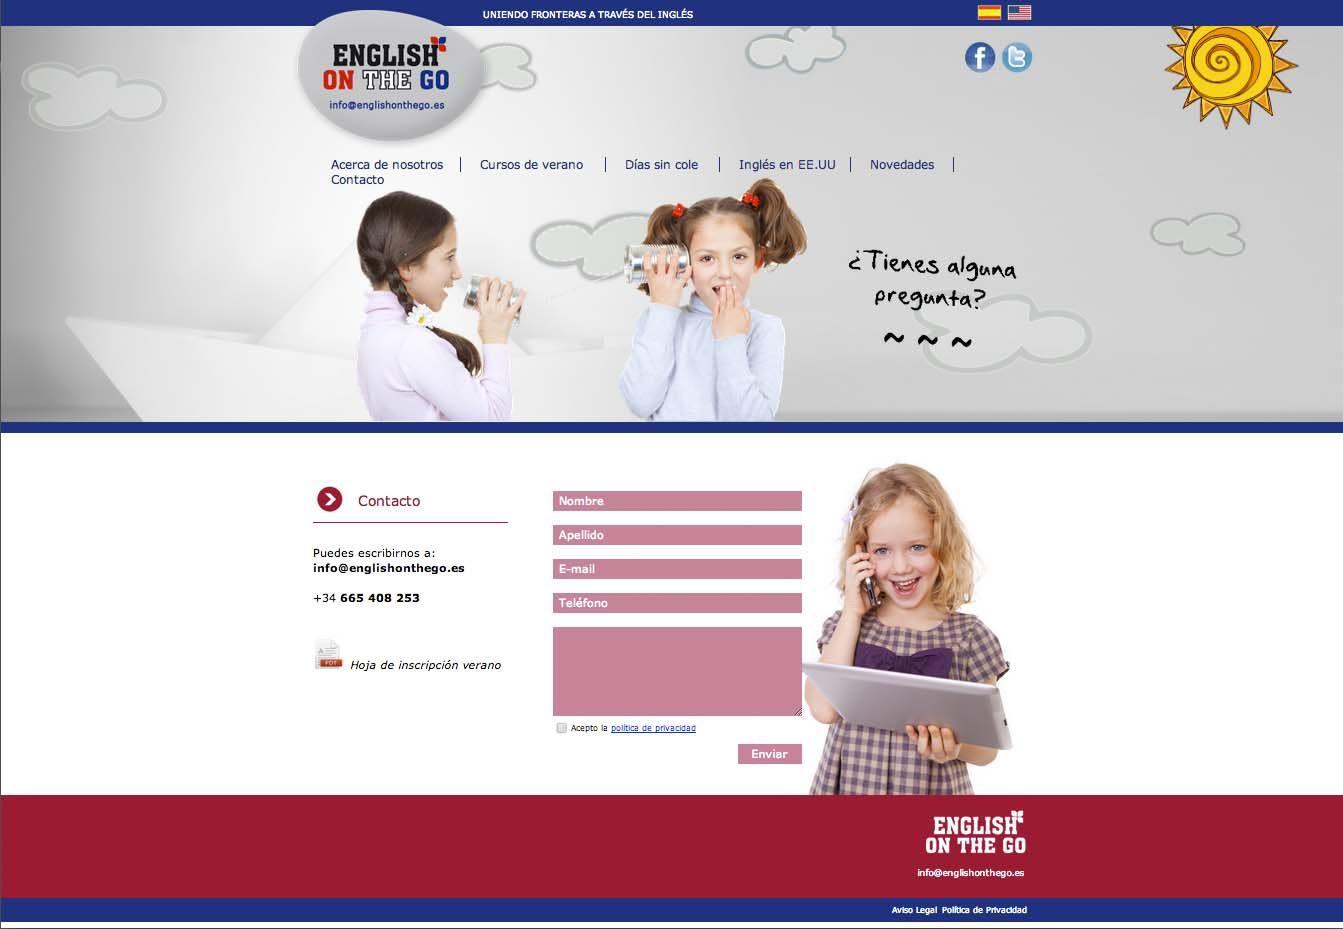 Diseño de la Web de English on the Go